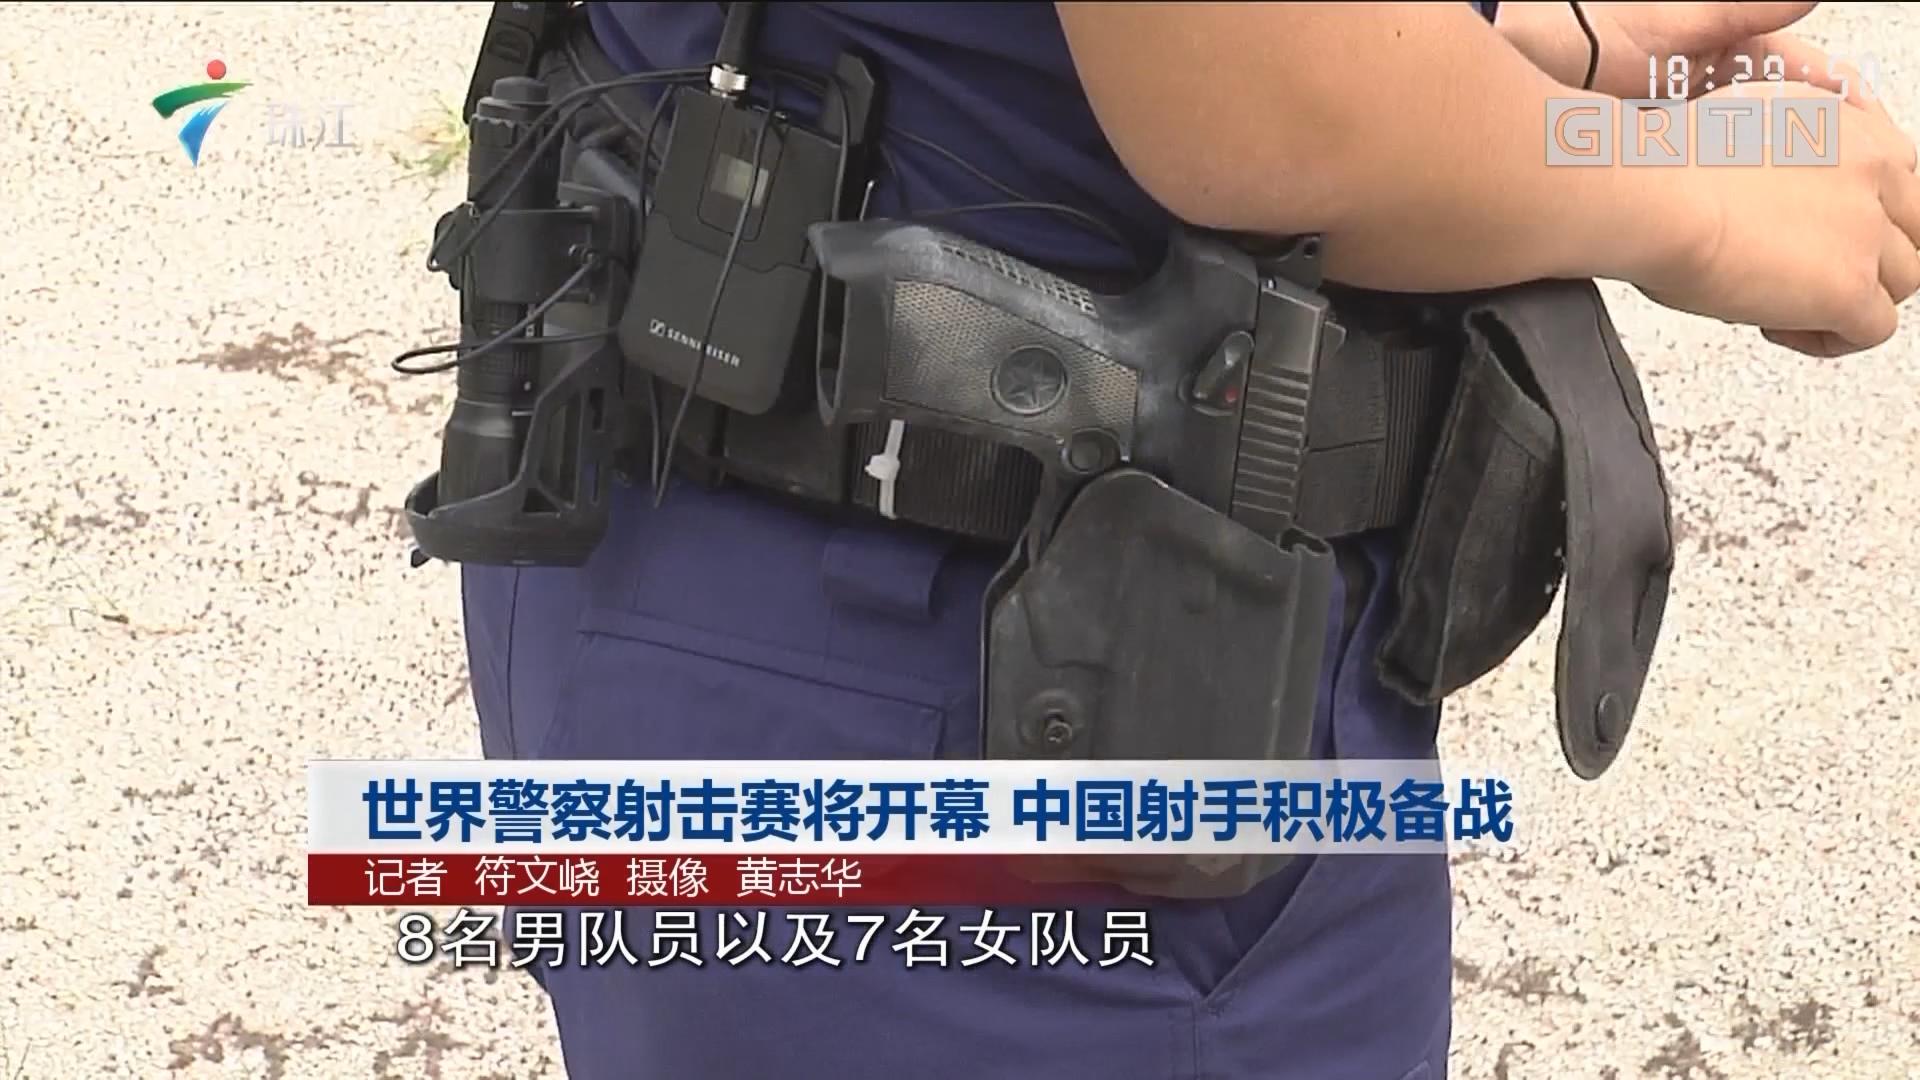 世界警察射击赛将开幕 中国射手积极备战